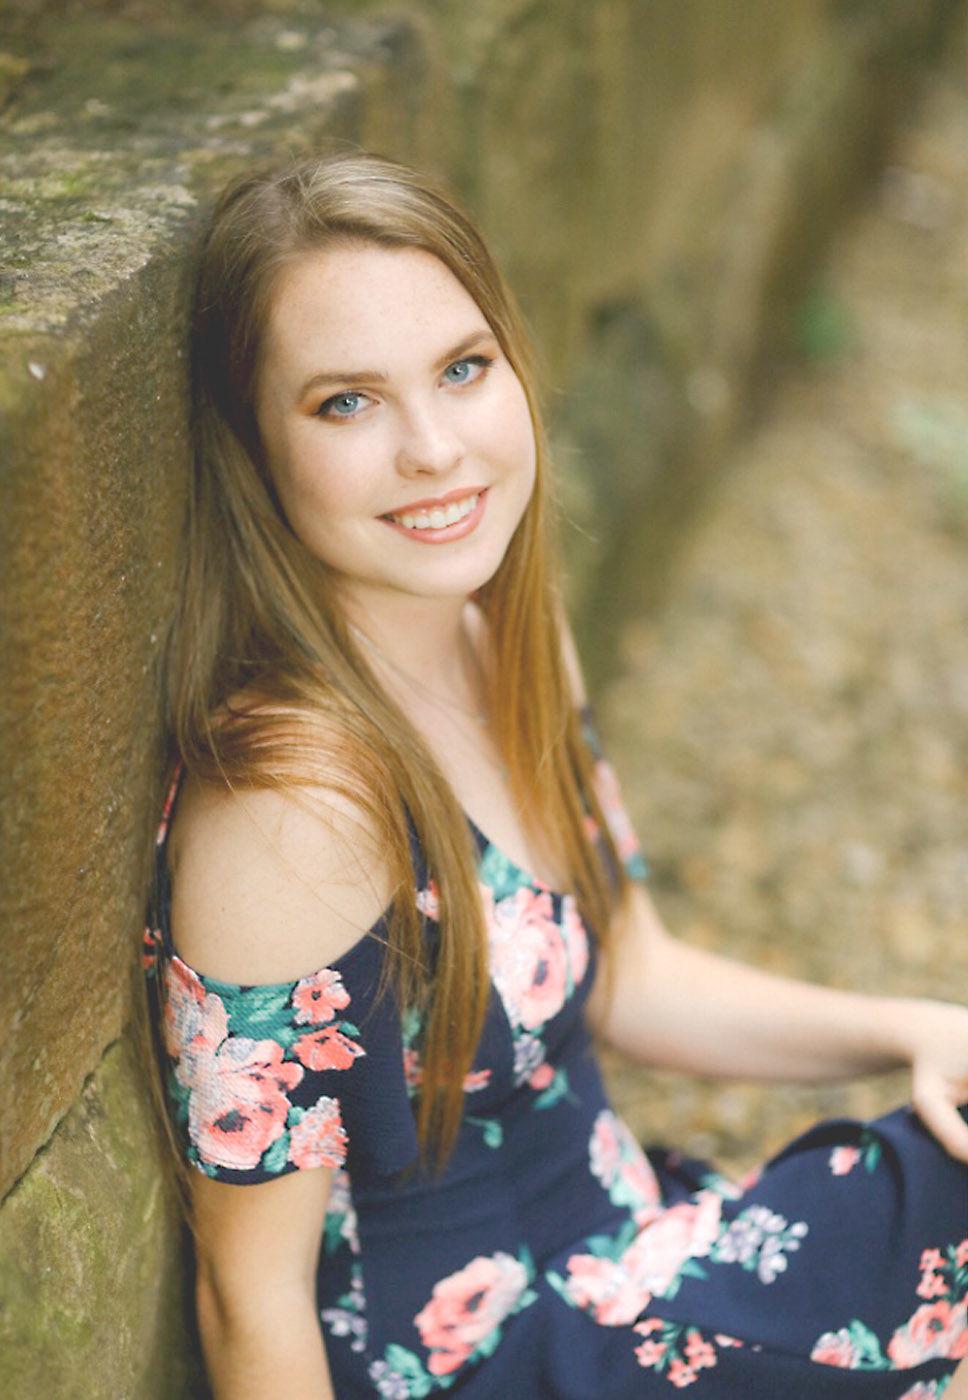 Breanna Miller